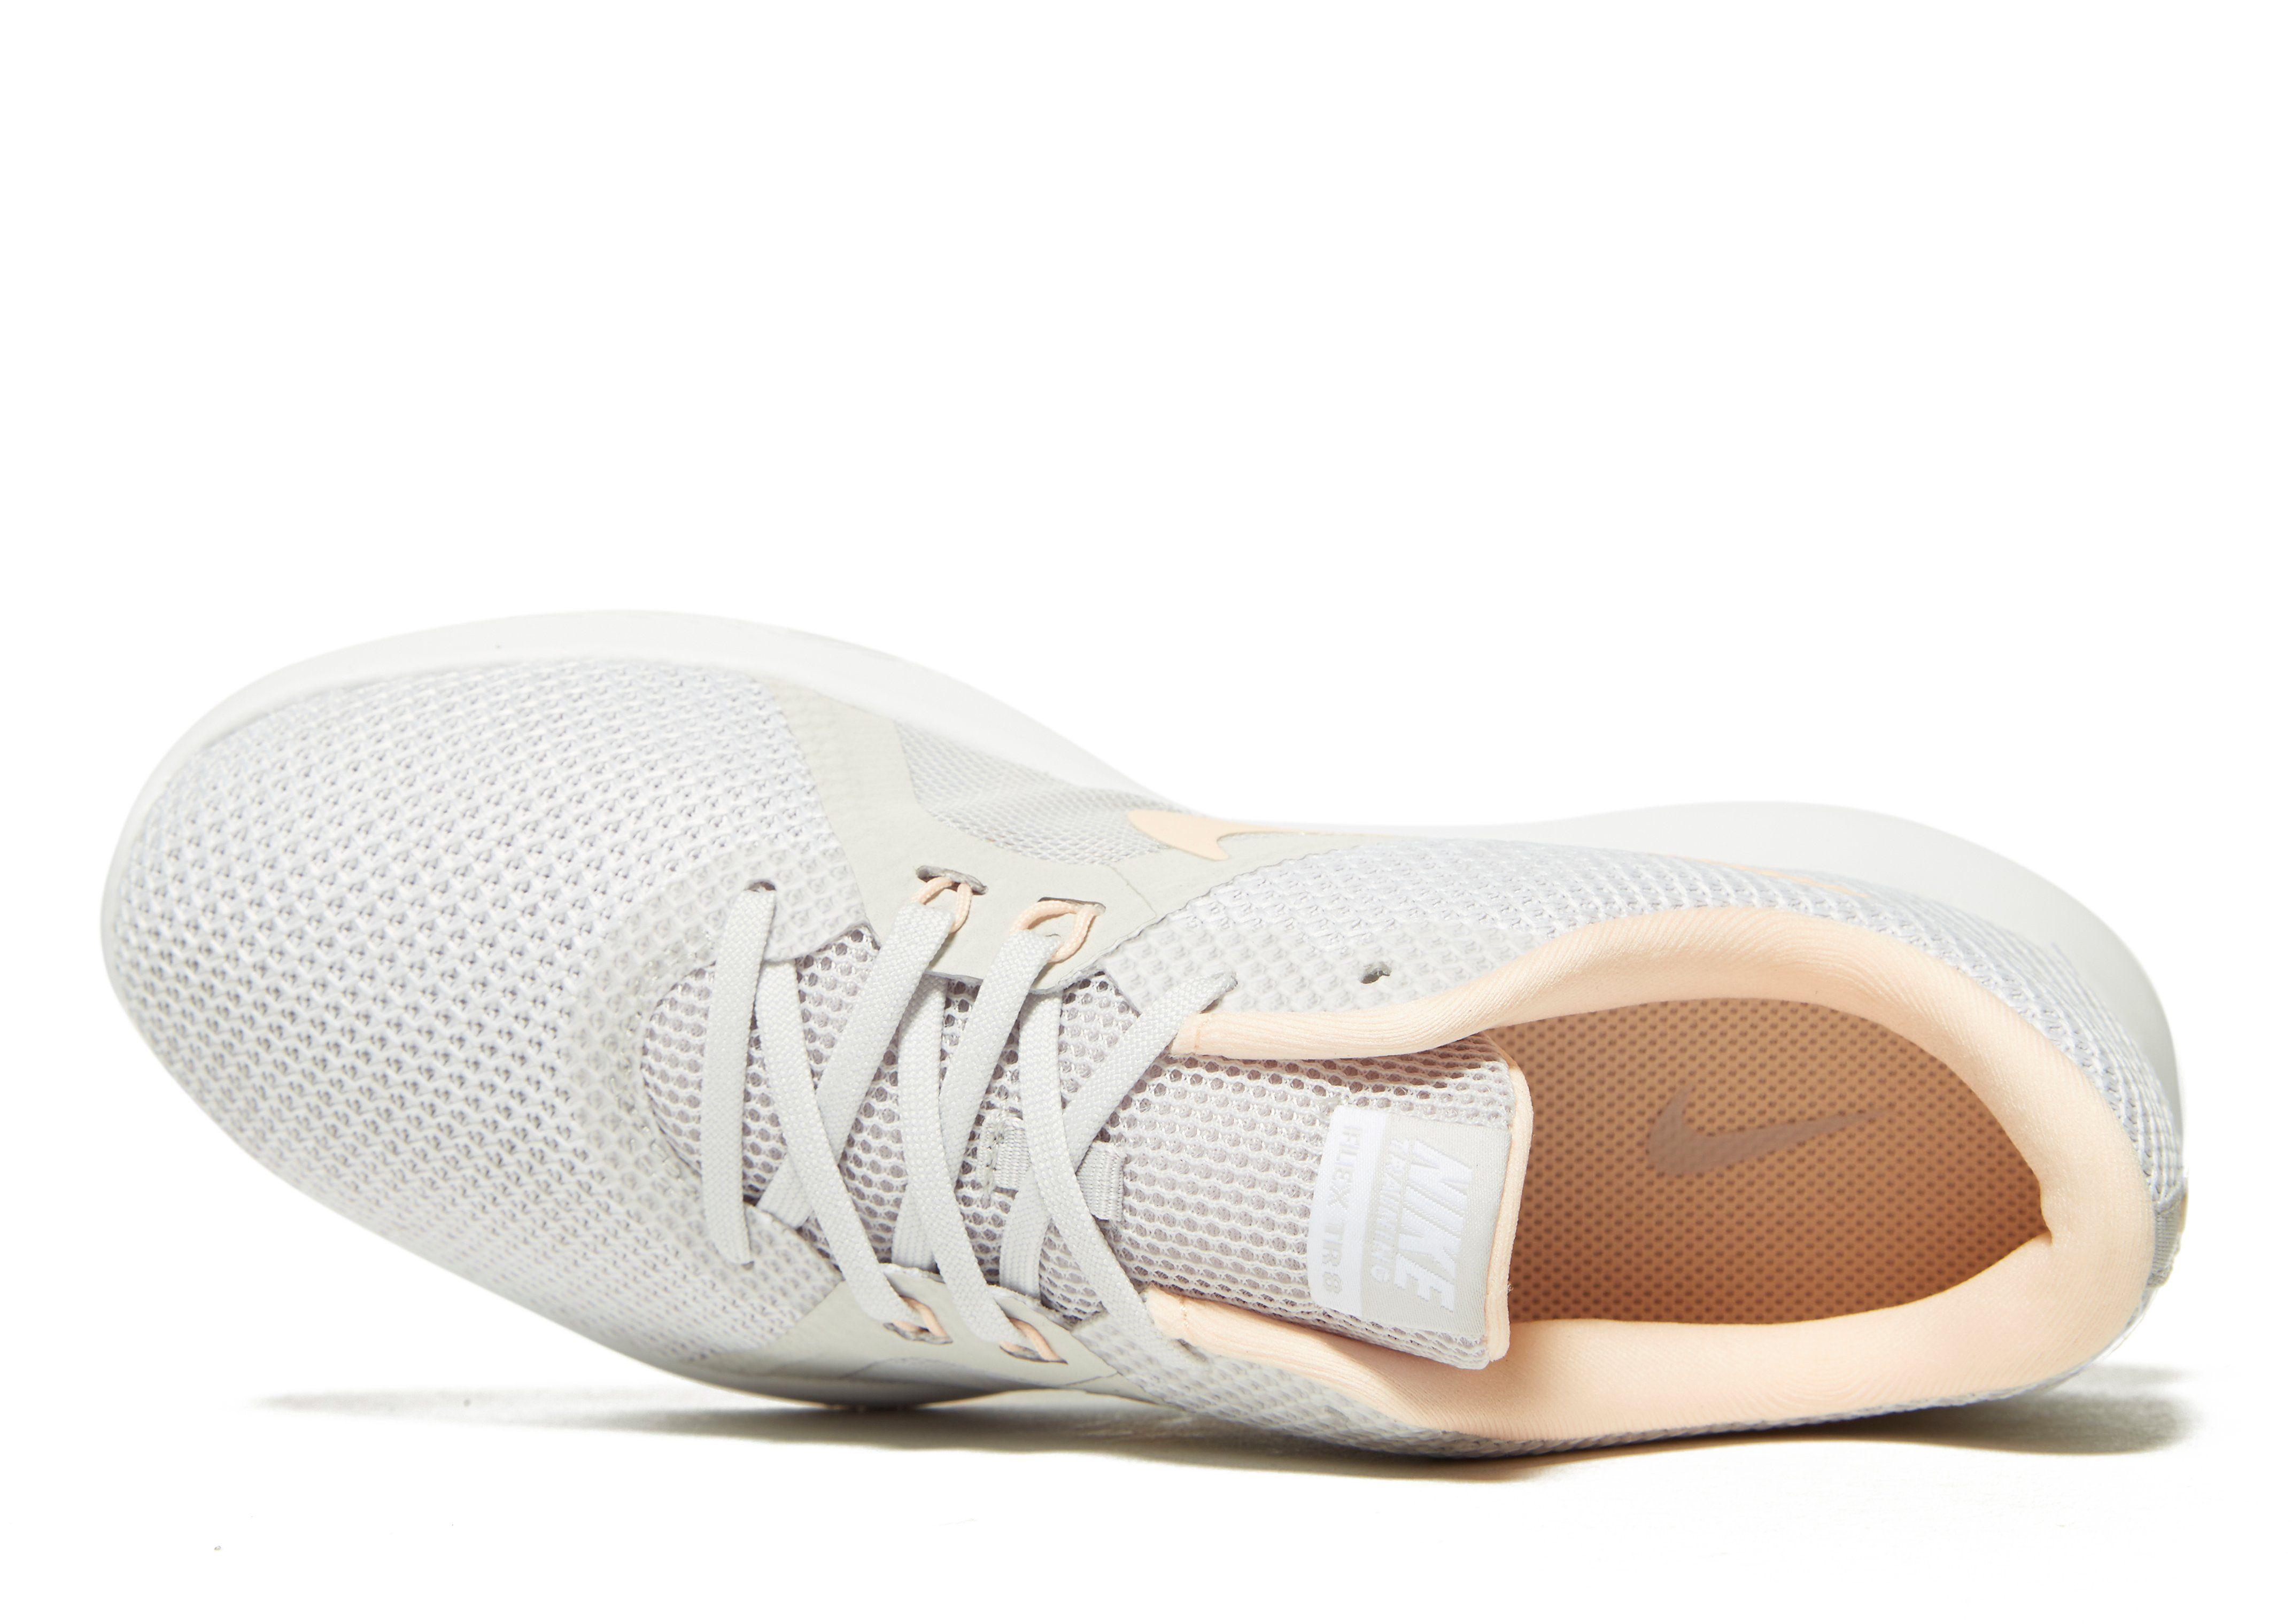 Nike Flex TR8 Damen Grau Sonnenschein 4bqSjnb1x